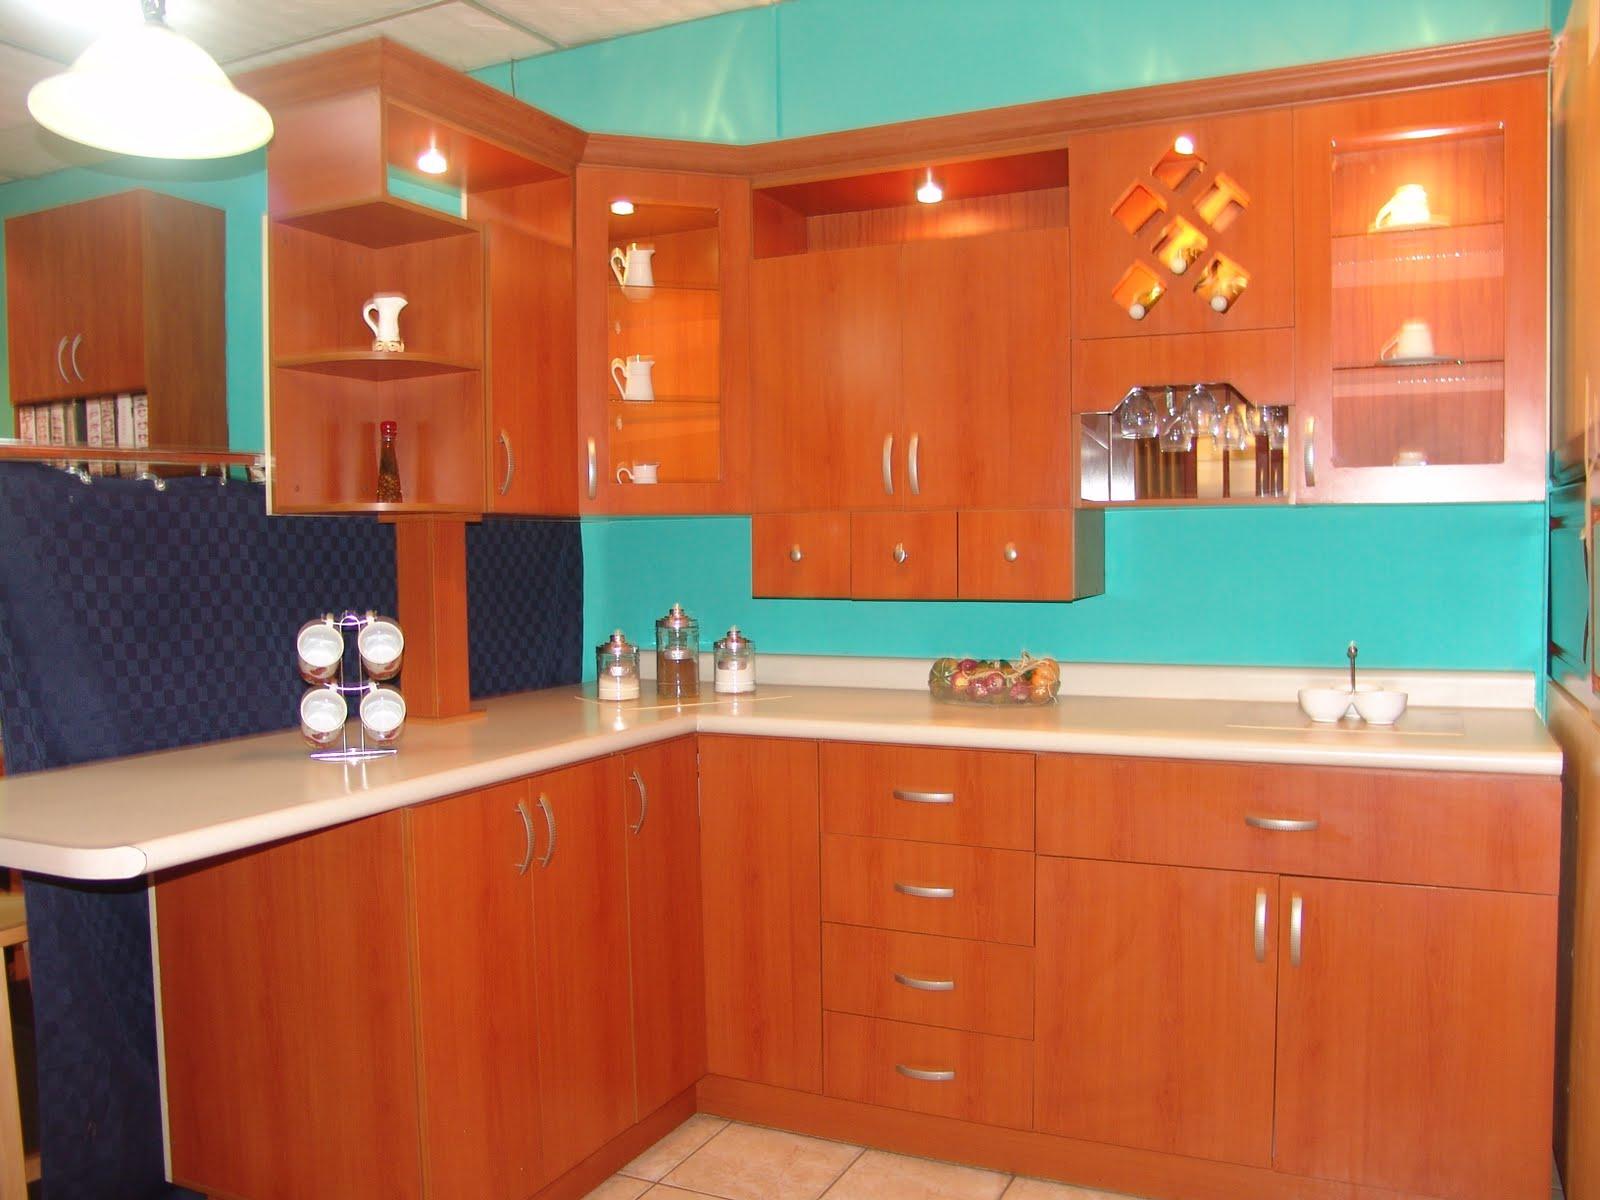 Venta gabinetes de cocina usados guatemala for Gabinetes de cocina modernos